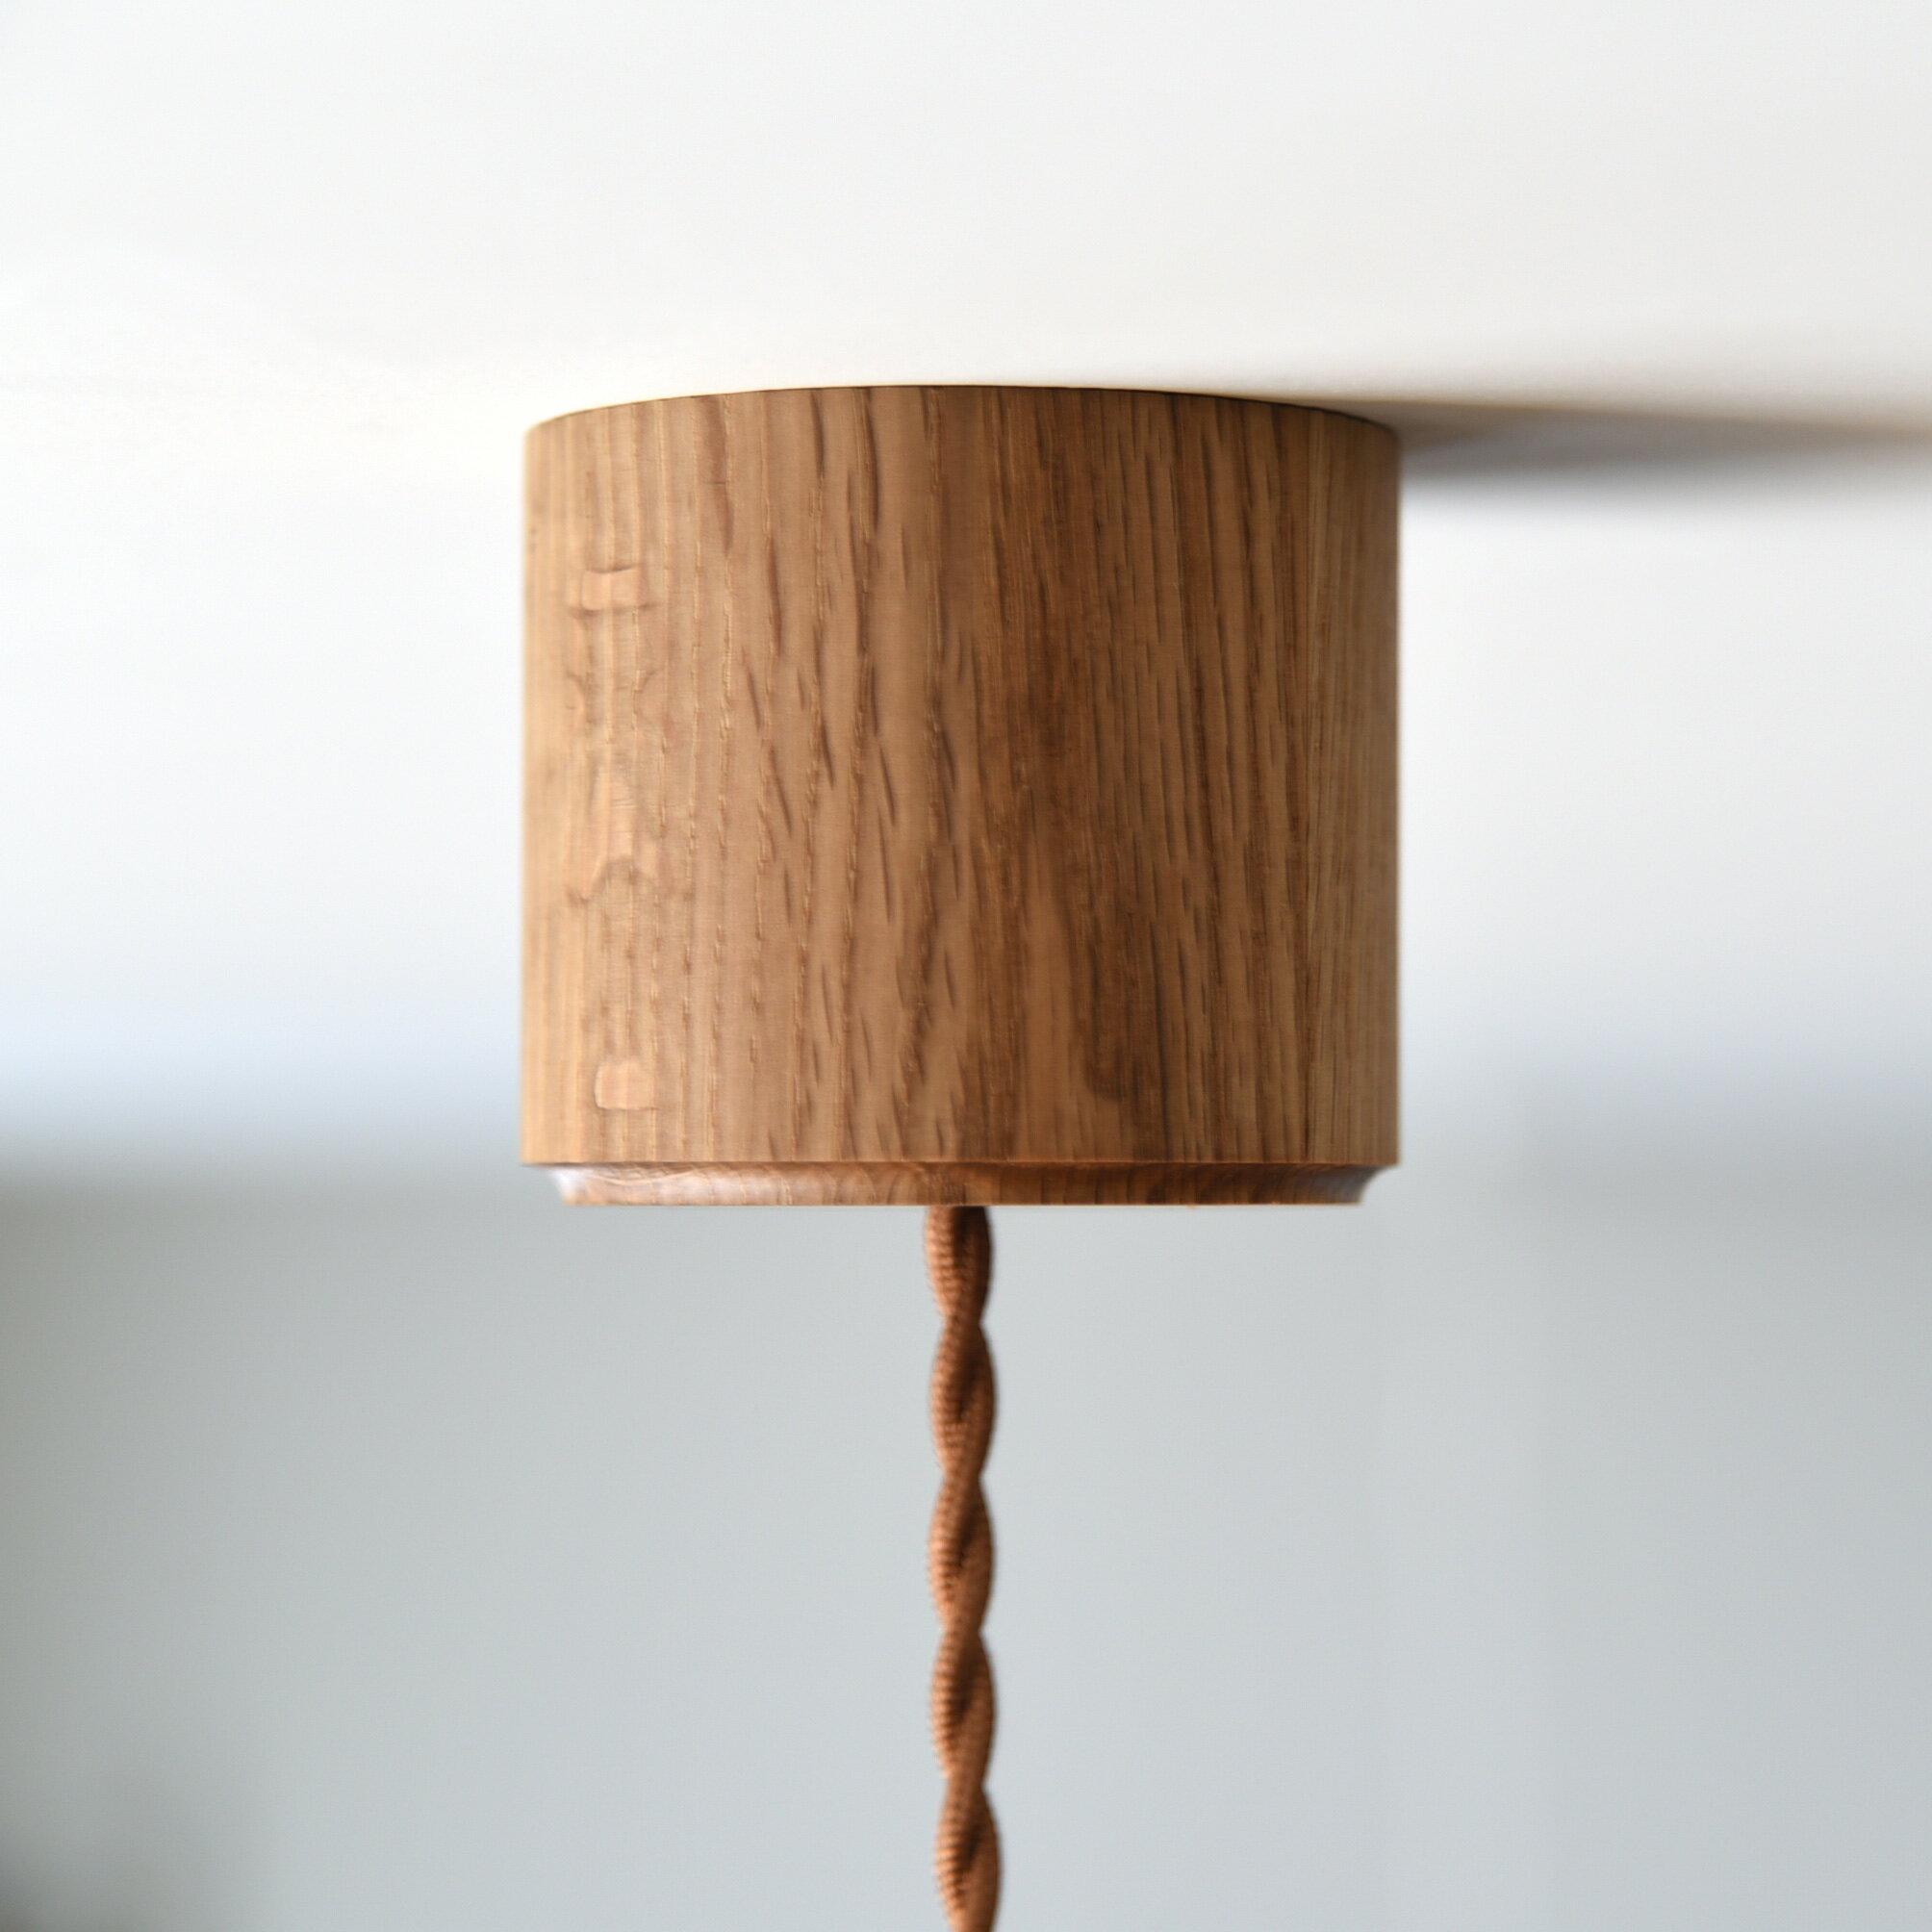 木製シーリングカバー